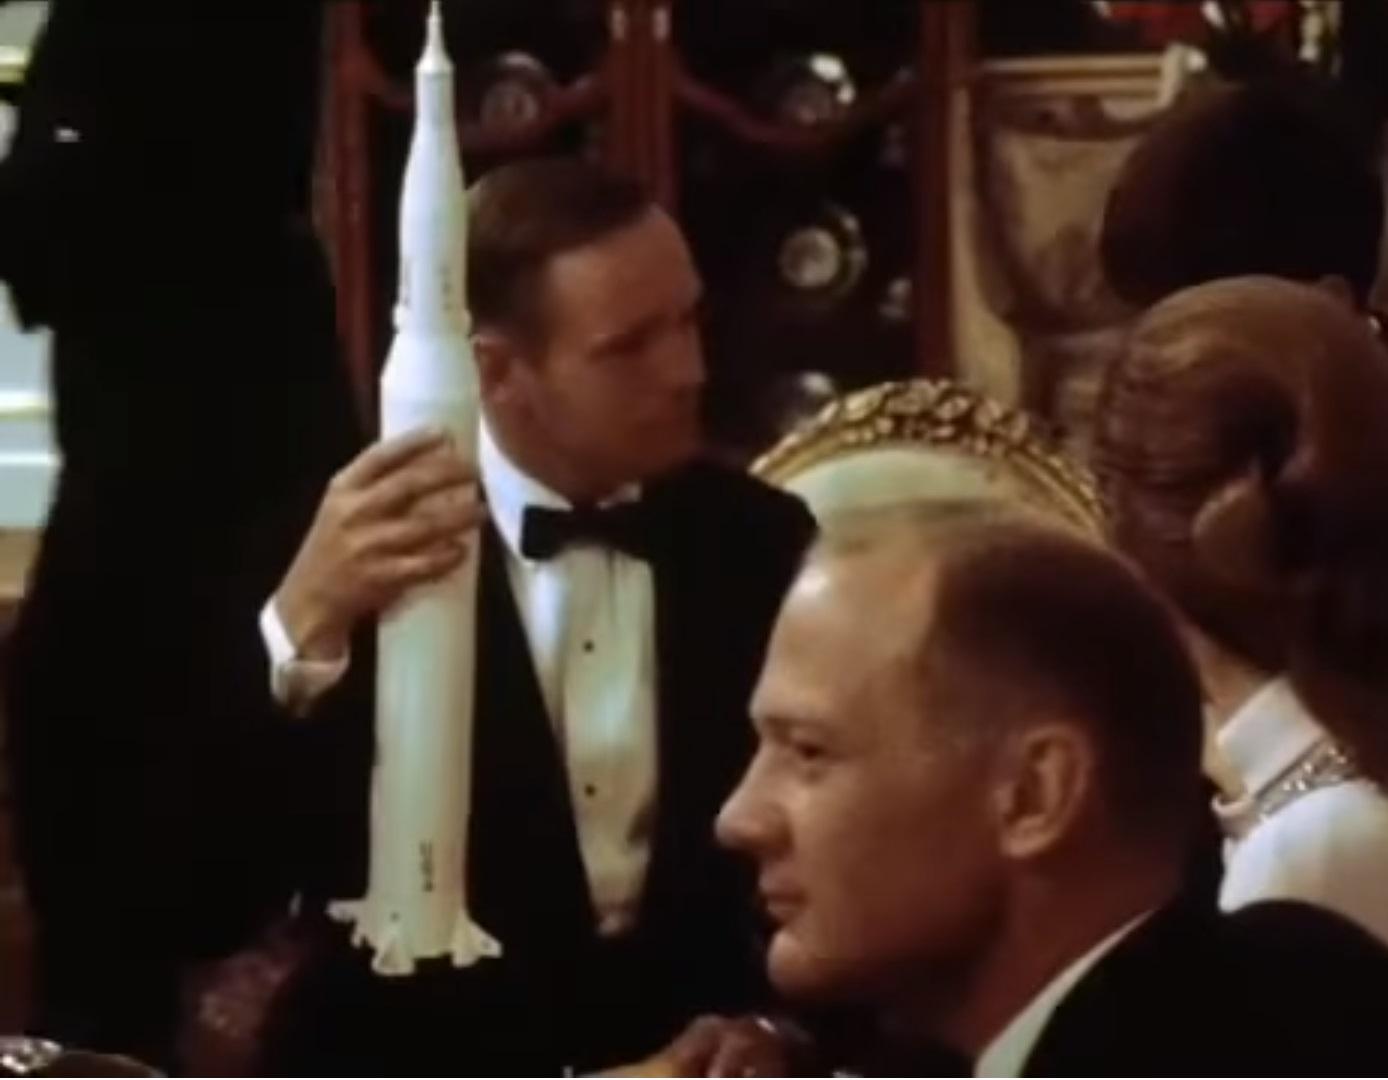 هدیهی آرمسترانگ به شاهزادهی پهلوی (هنوز هم توی کاخ نیاوران و توی اتاق شاهزاده برای بازدید موجود هست!)